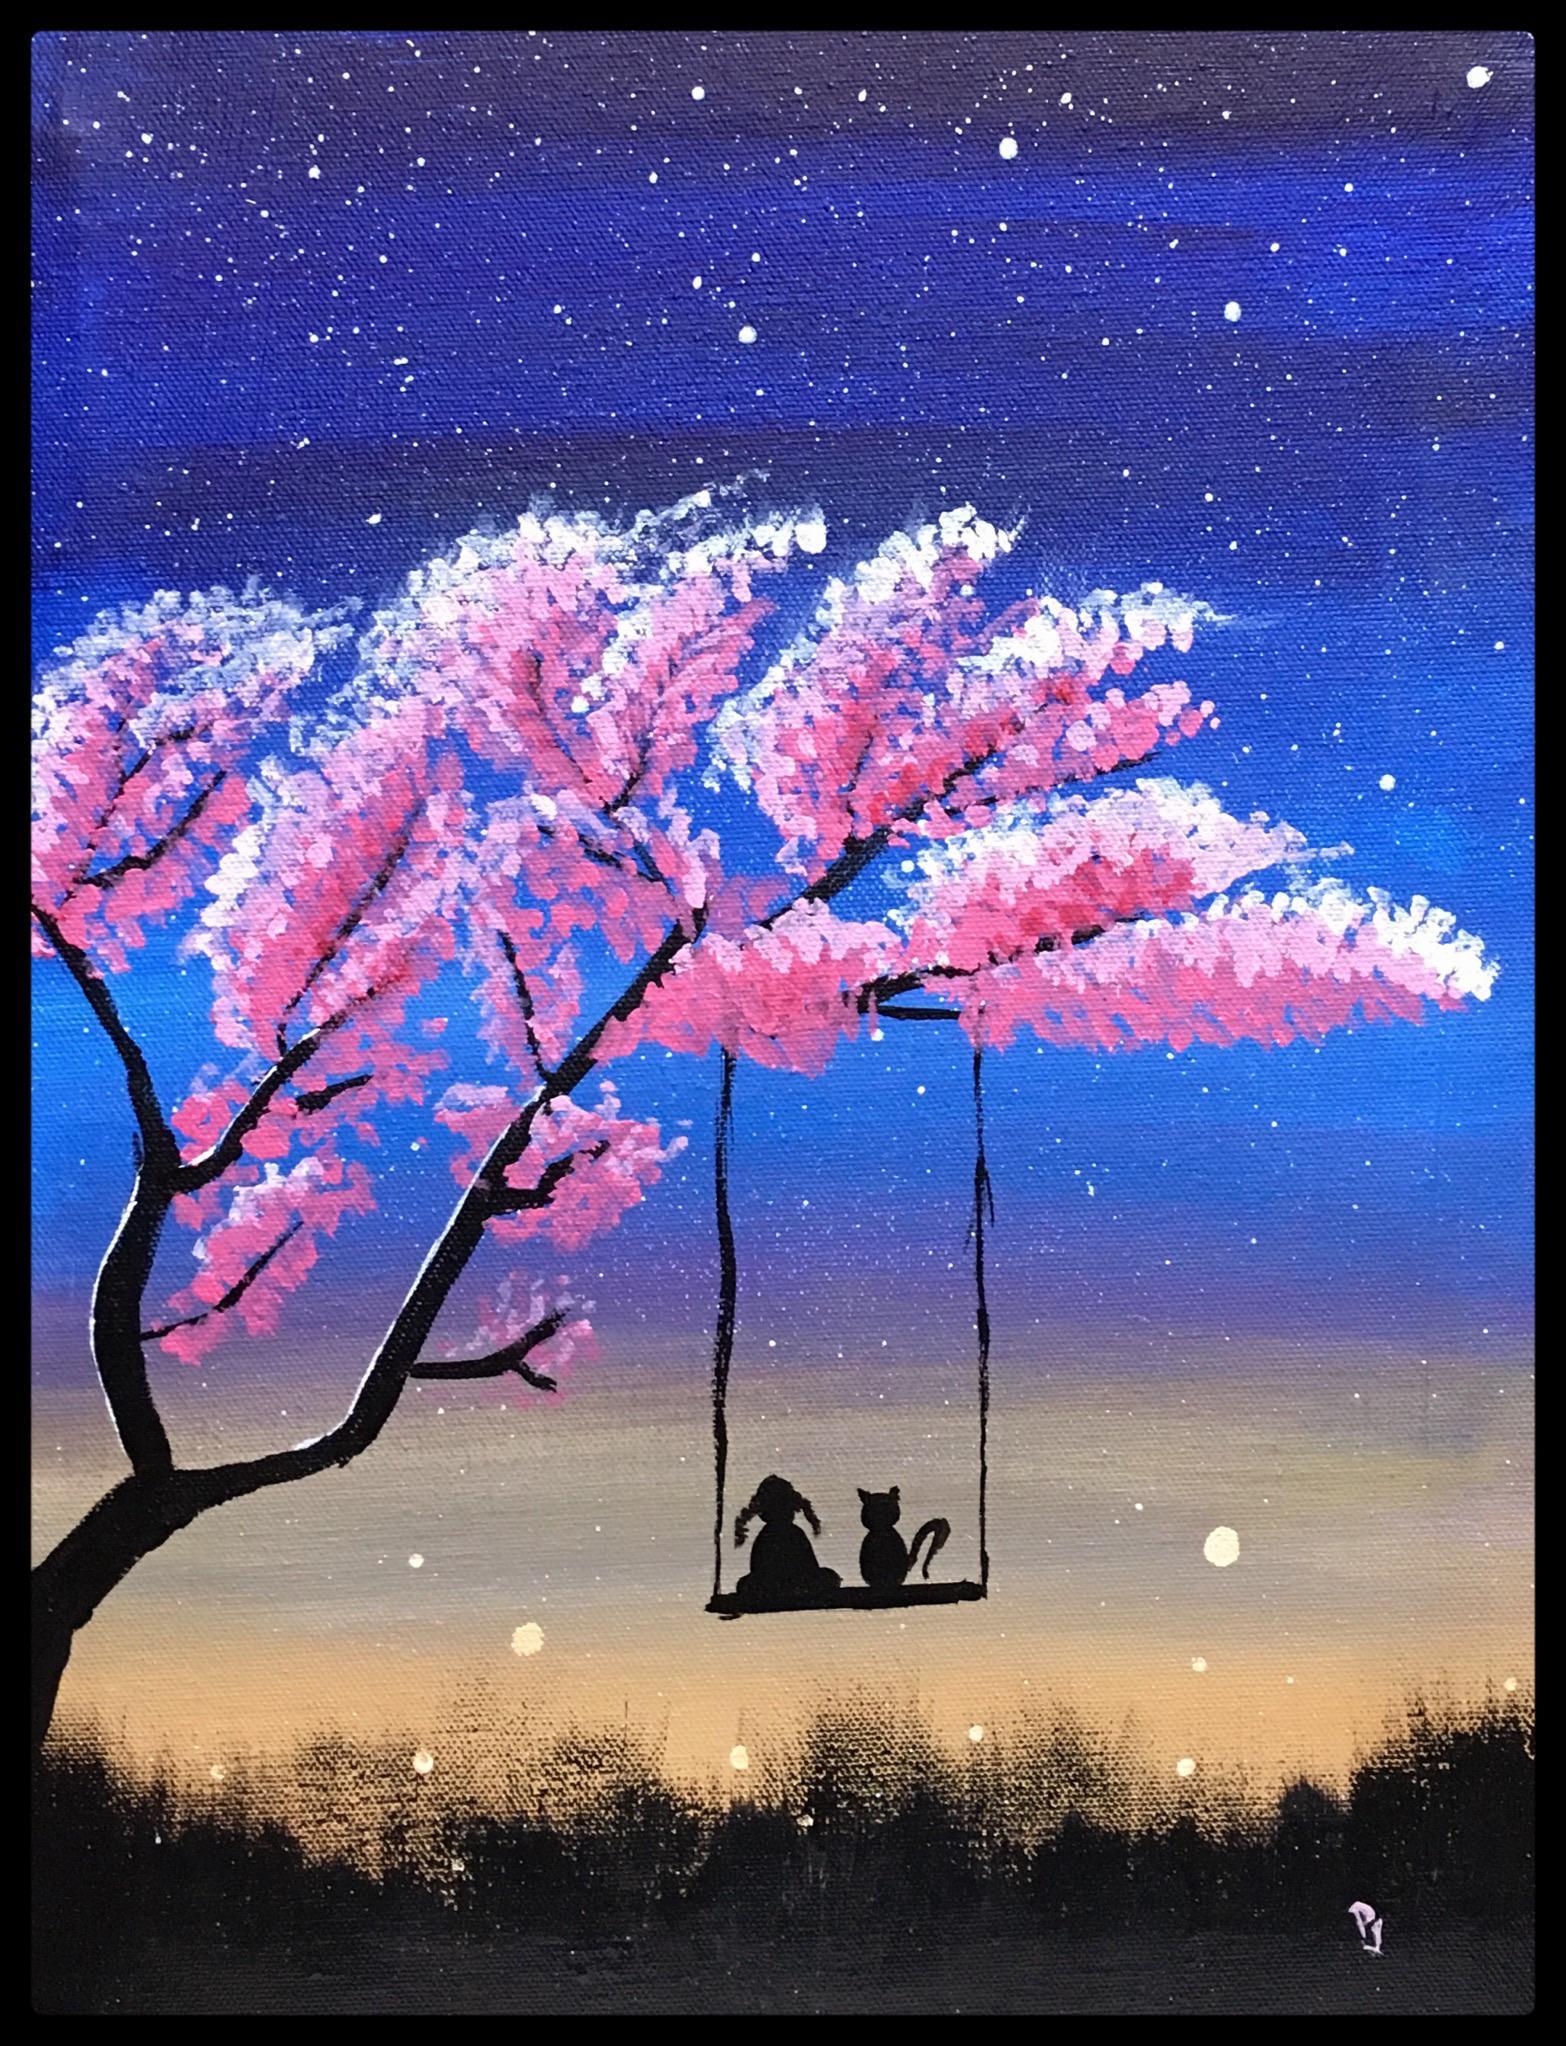 20 Night Sky Painting Ideas Harunmudak